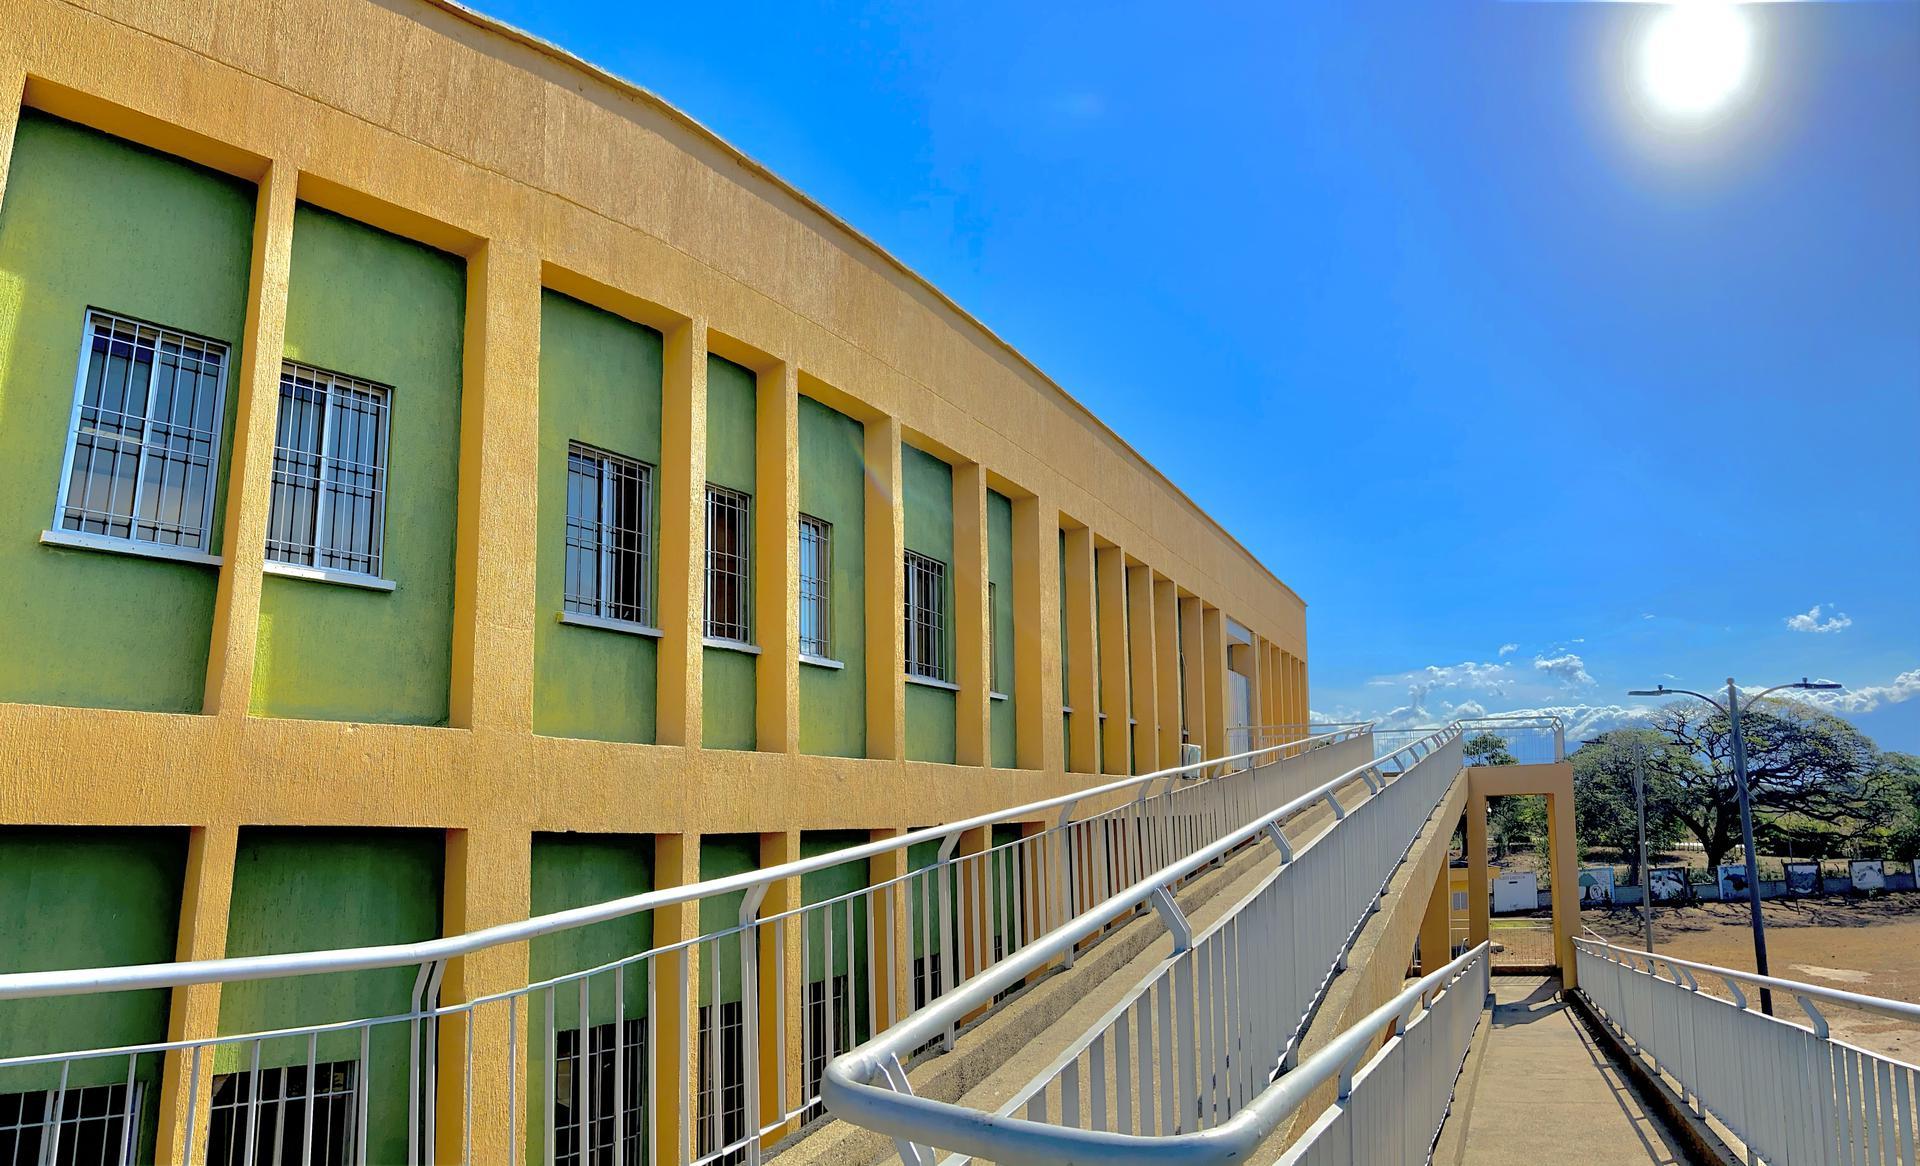 hoyennoticia.com, En la Sede Fonseca, Uniguajira logró consolidar procesos de calidad académica e institucional